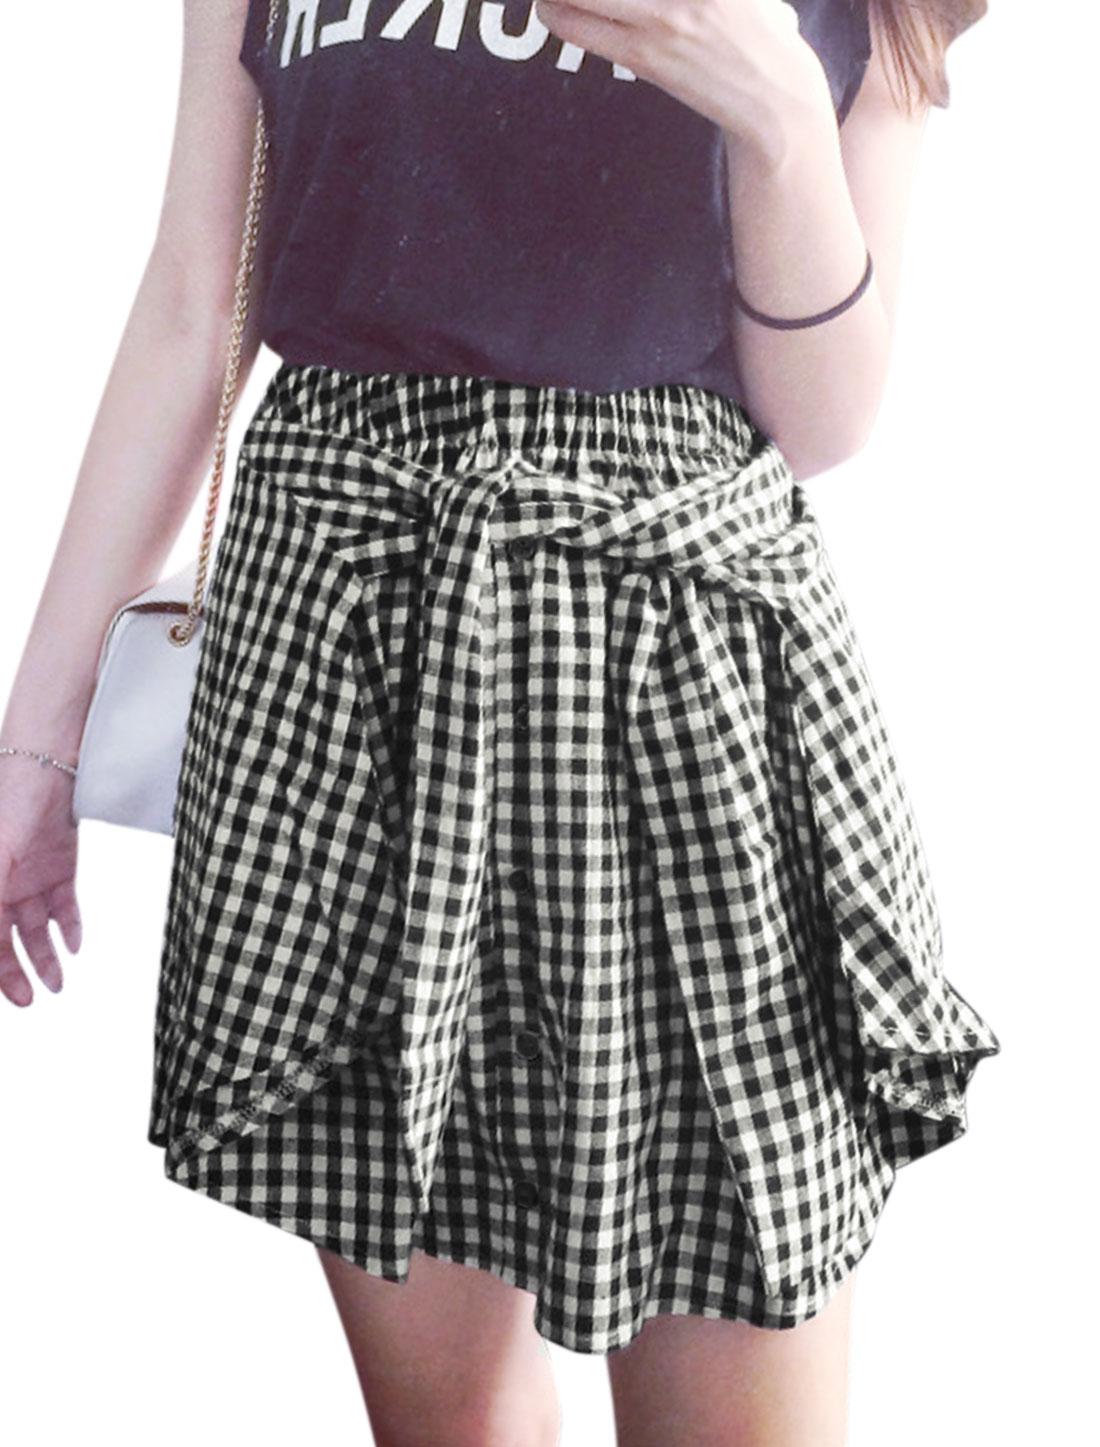 Woman Plaids Elastic Waist Button Decor Front Self Tie A Line Skirt Black White XS